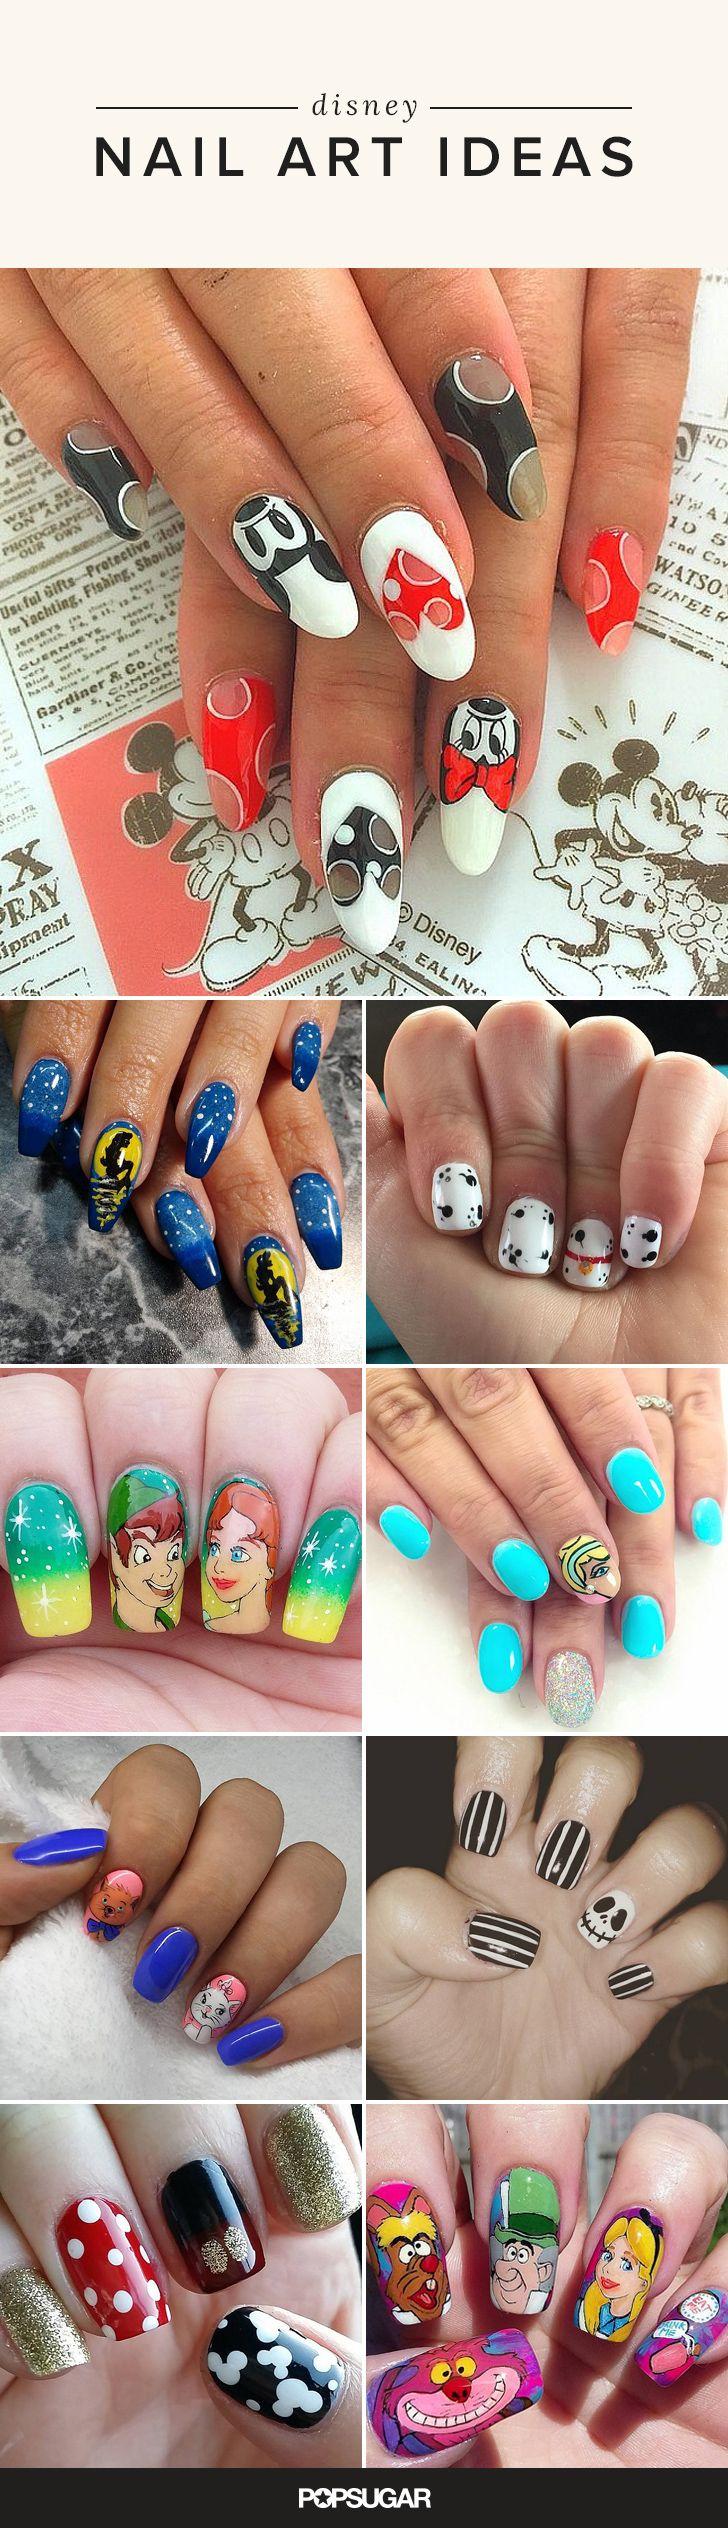 50 Idées de Nail Art Disney Pour Inspirer Votre Prochaine Manucure ...